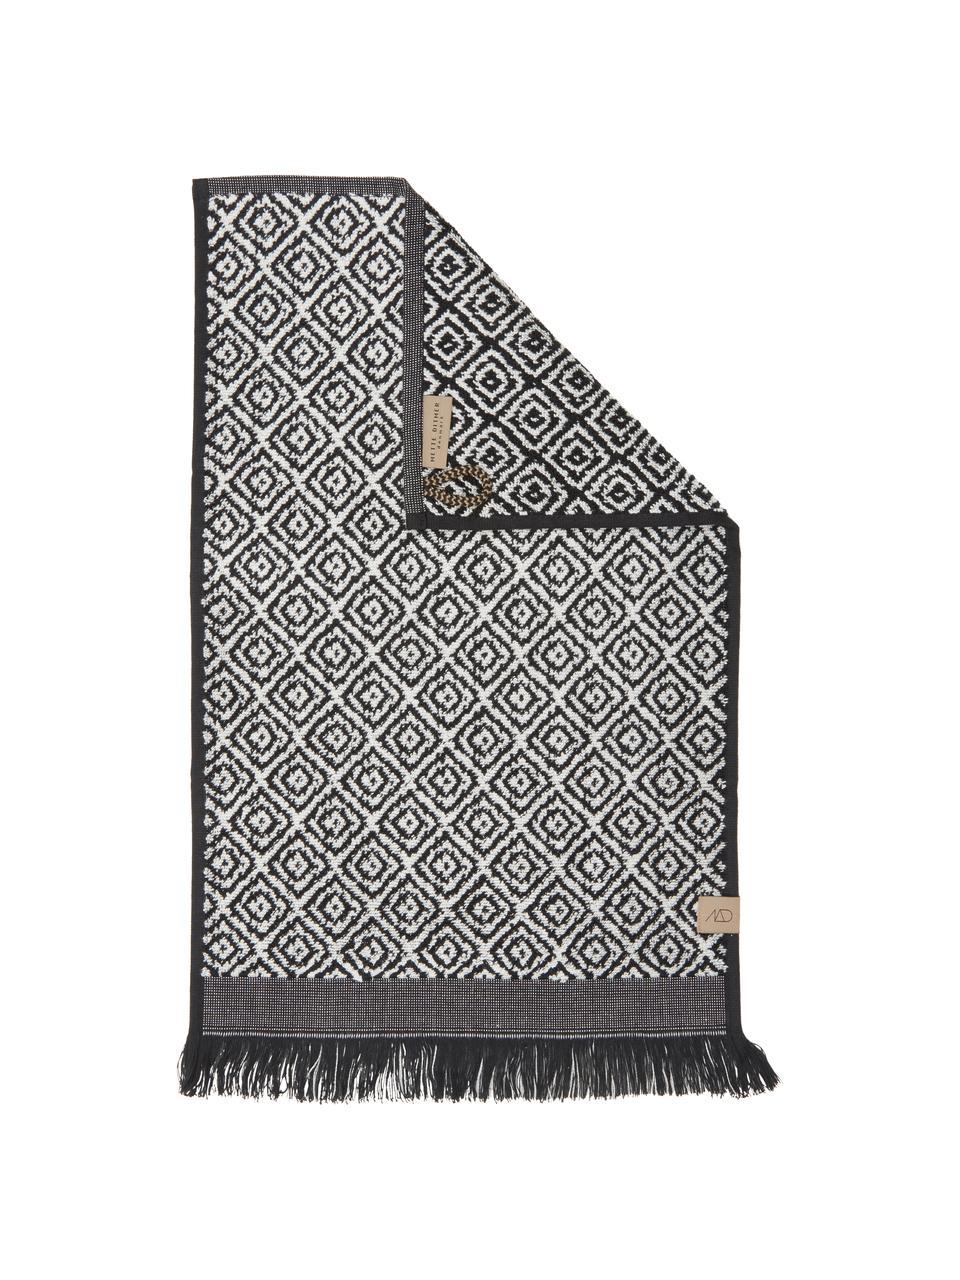 Ręcznik Morocco, Czarny, biały, Ręcznik dla gości